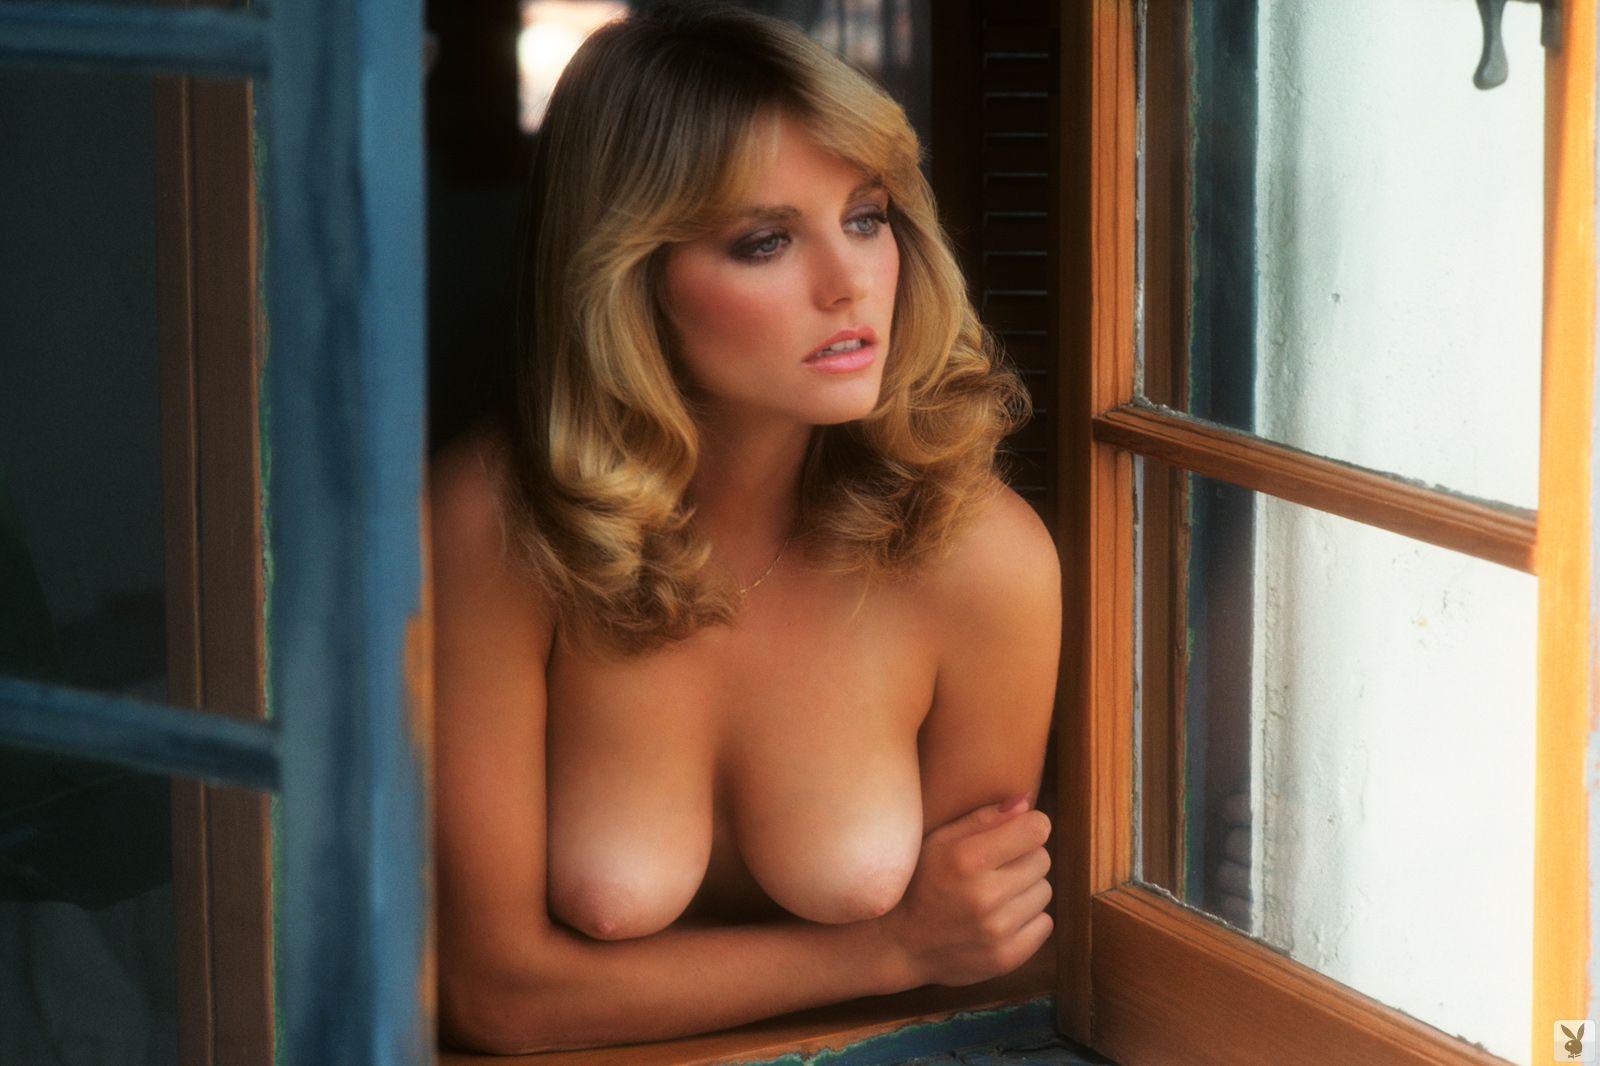 Самые красивые голые артистки, 40 самых сексуальных отечественных актрис (41 фото) 16 фотография